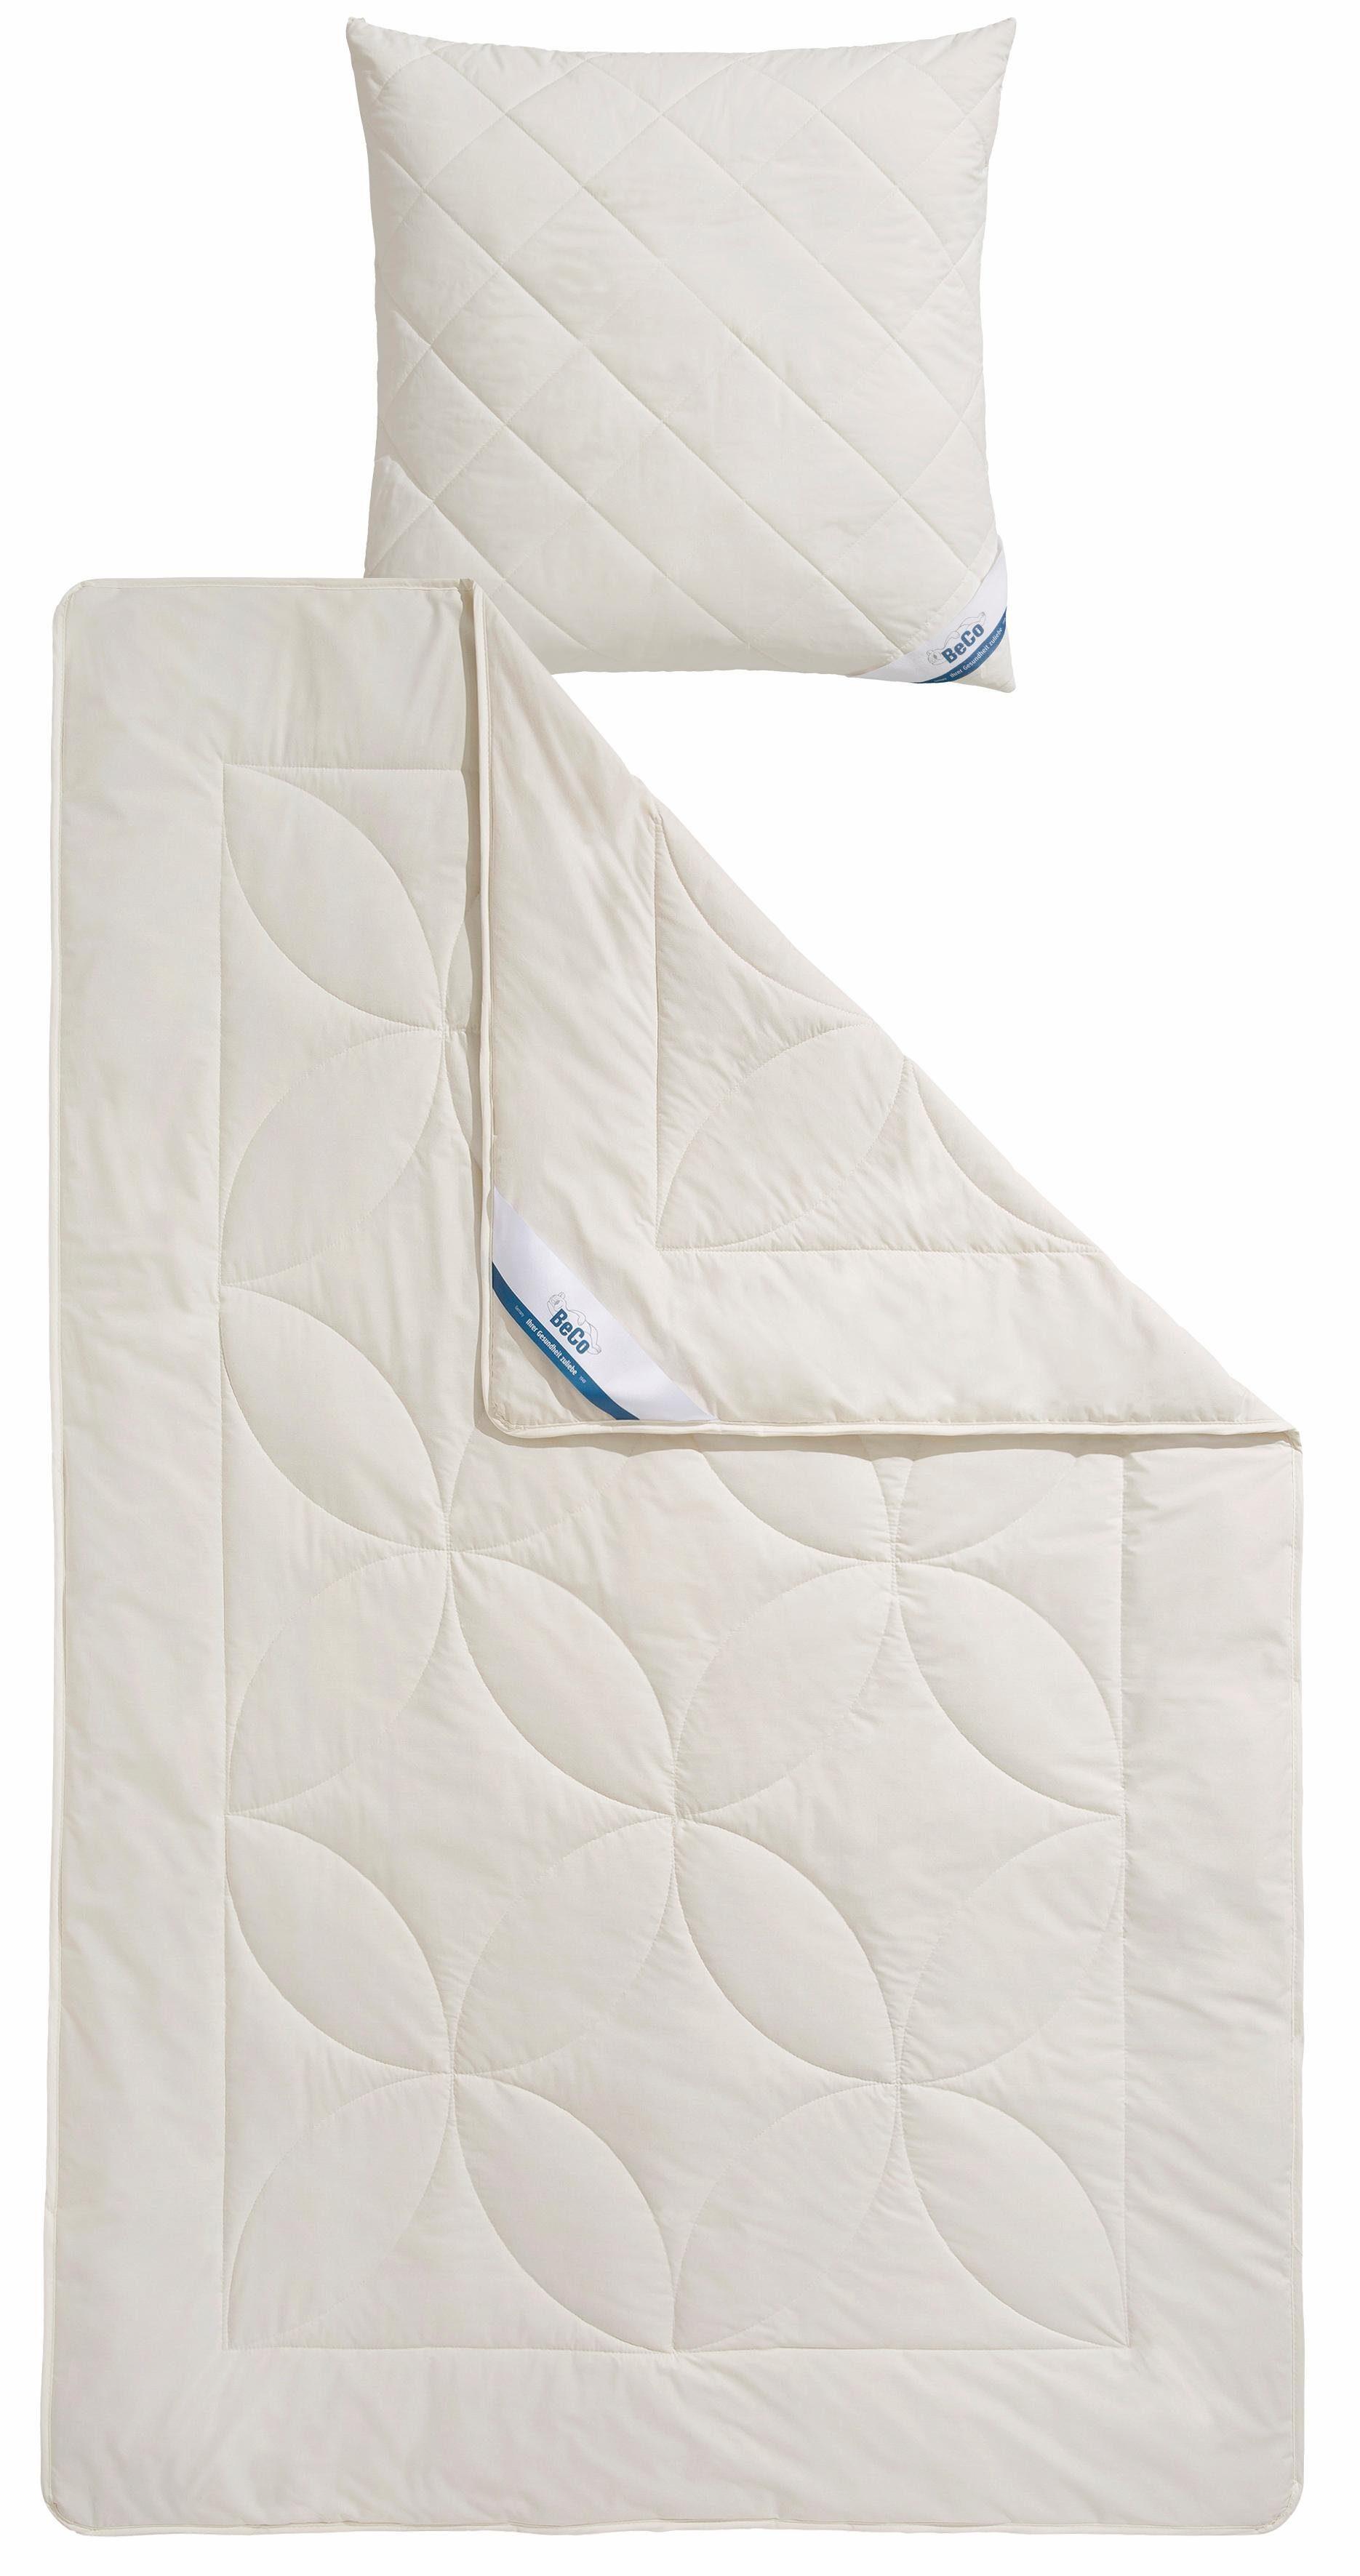 Bettdeckenset, »BeCo Schurwolle 100«, Beco, Leicht - natürliches Bettklima und waschbar bis 30°